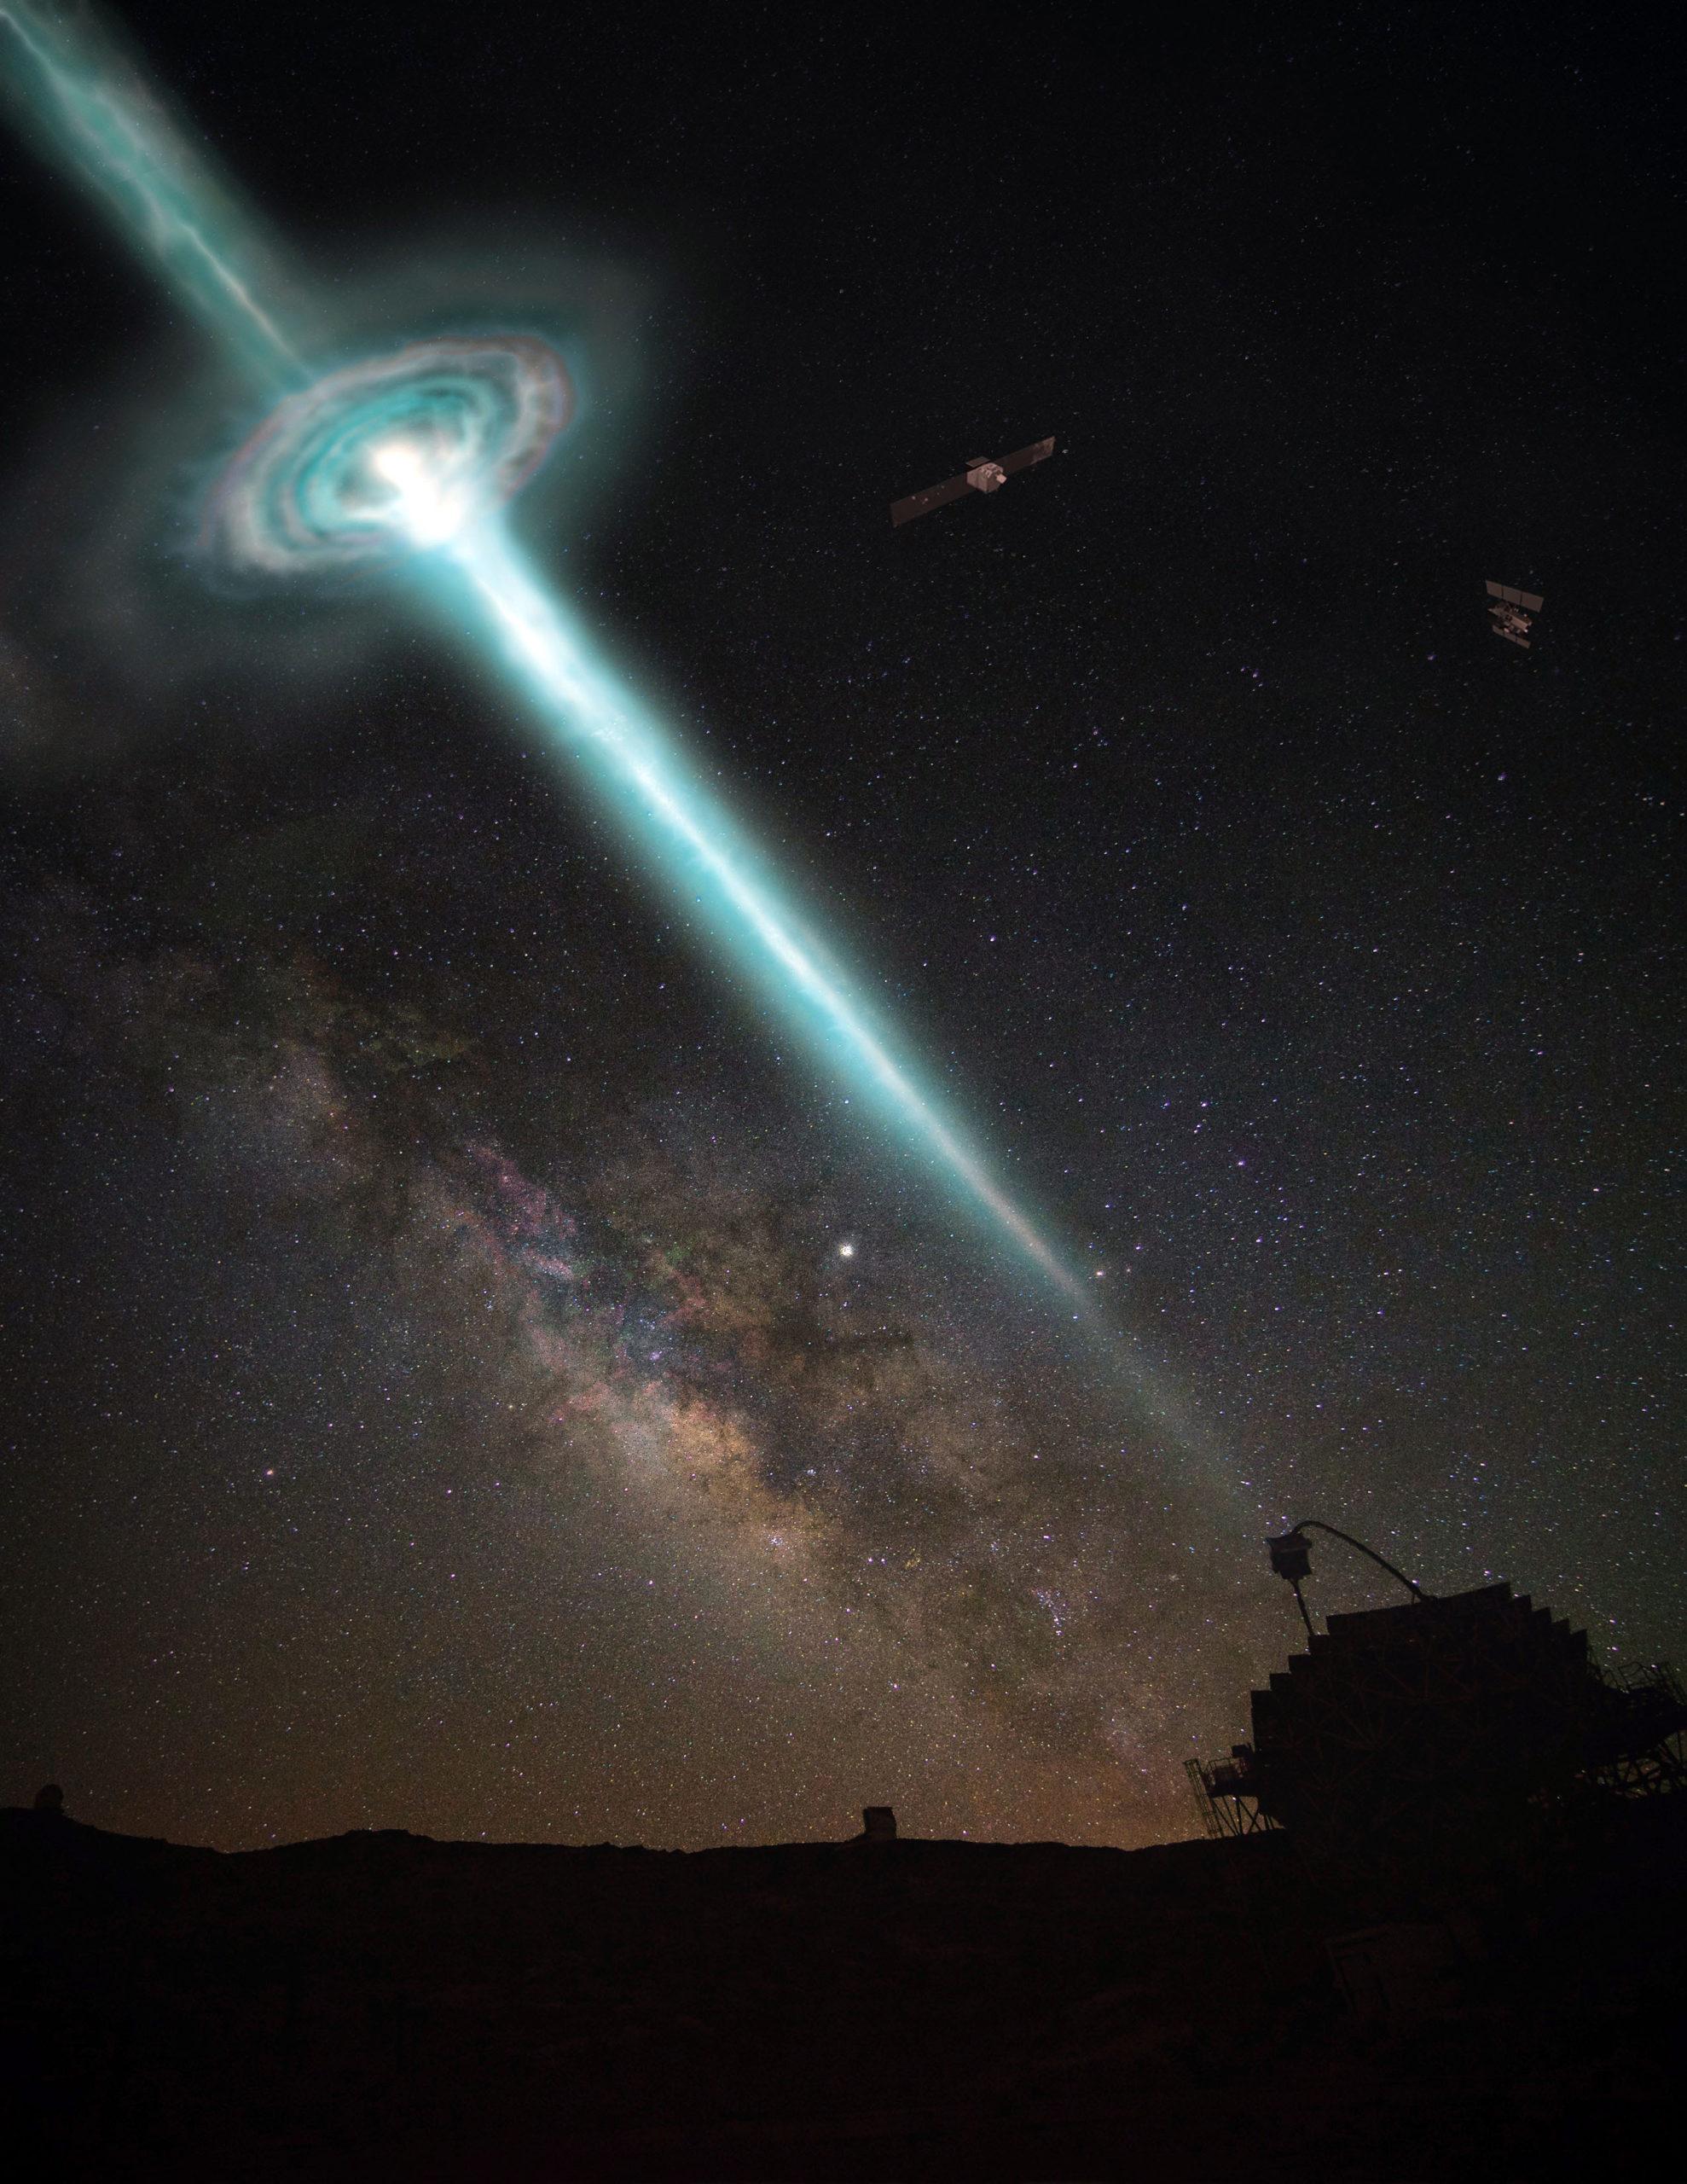 أقوى انفجار لأشعة غاما.. تأكيد آخر على النسبية العامة - أقوى انفجار نرصده لأشعة غاما على الإطلاق - اختبار جديد دقيق لنظرية النسبية العامة - تناظر لورنتز